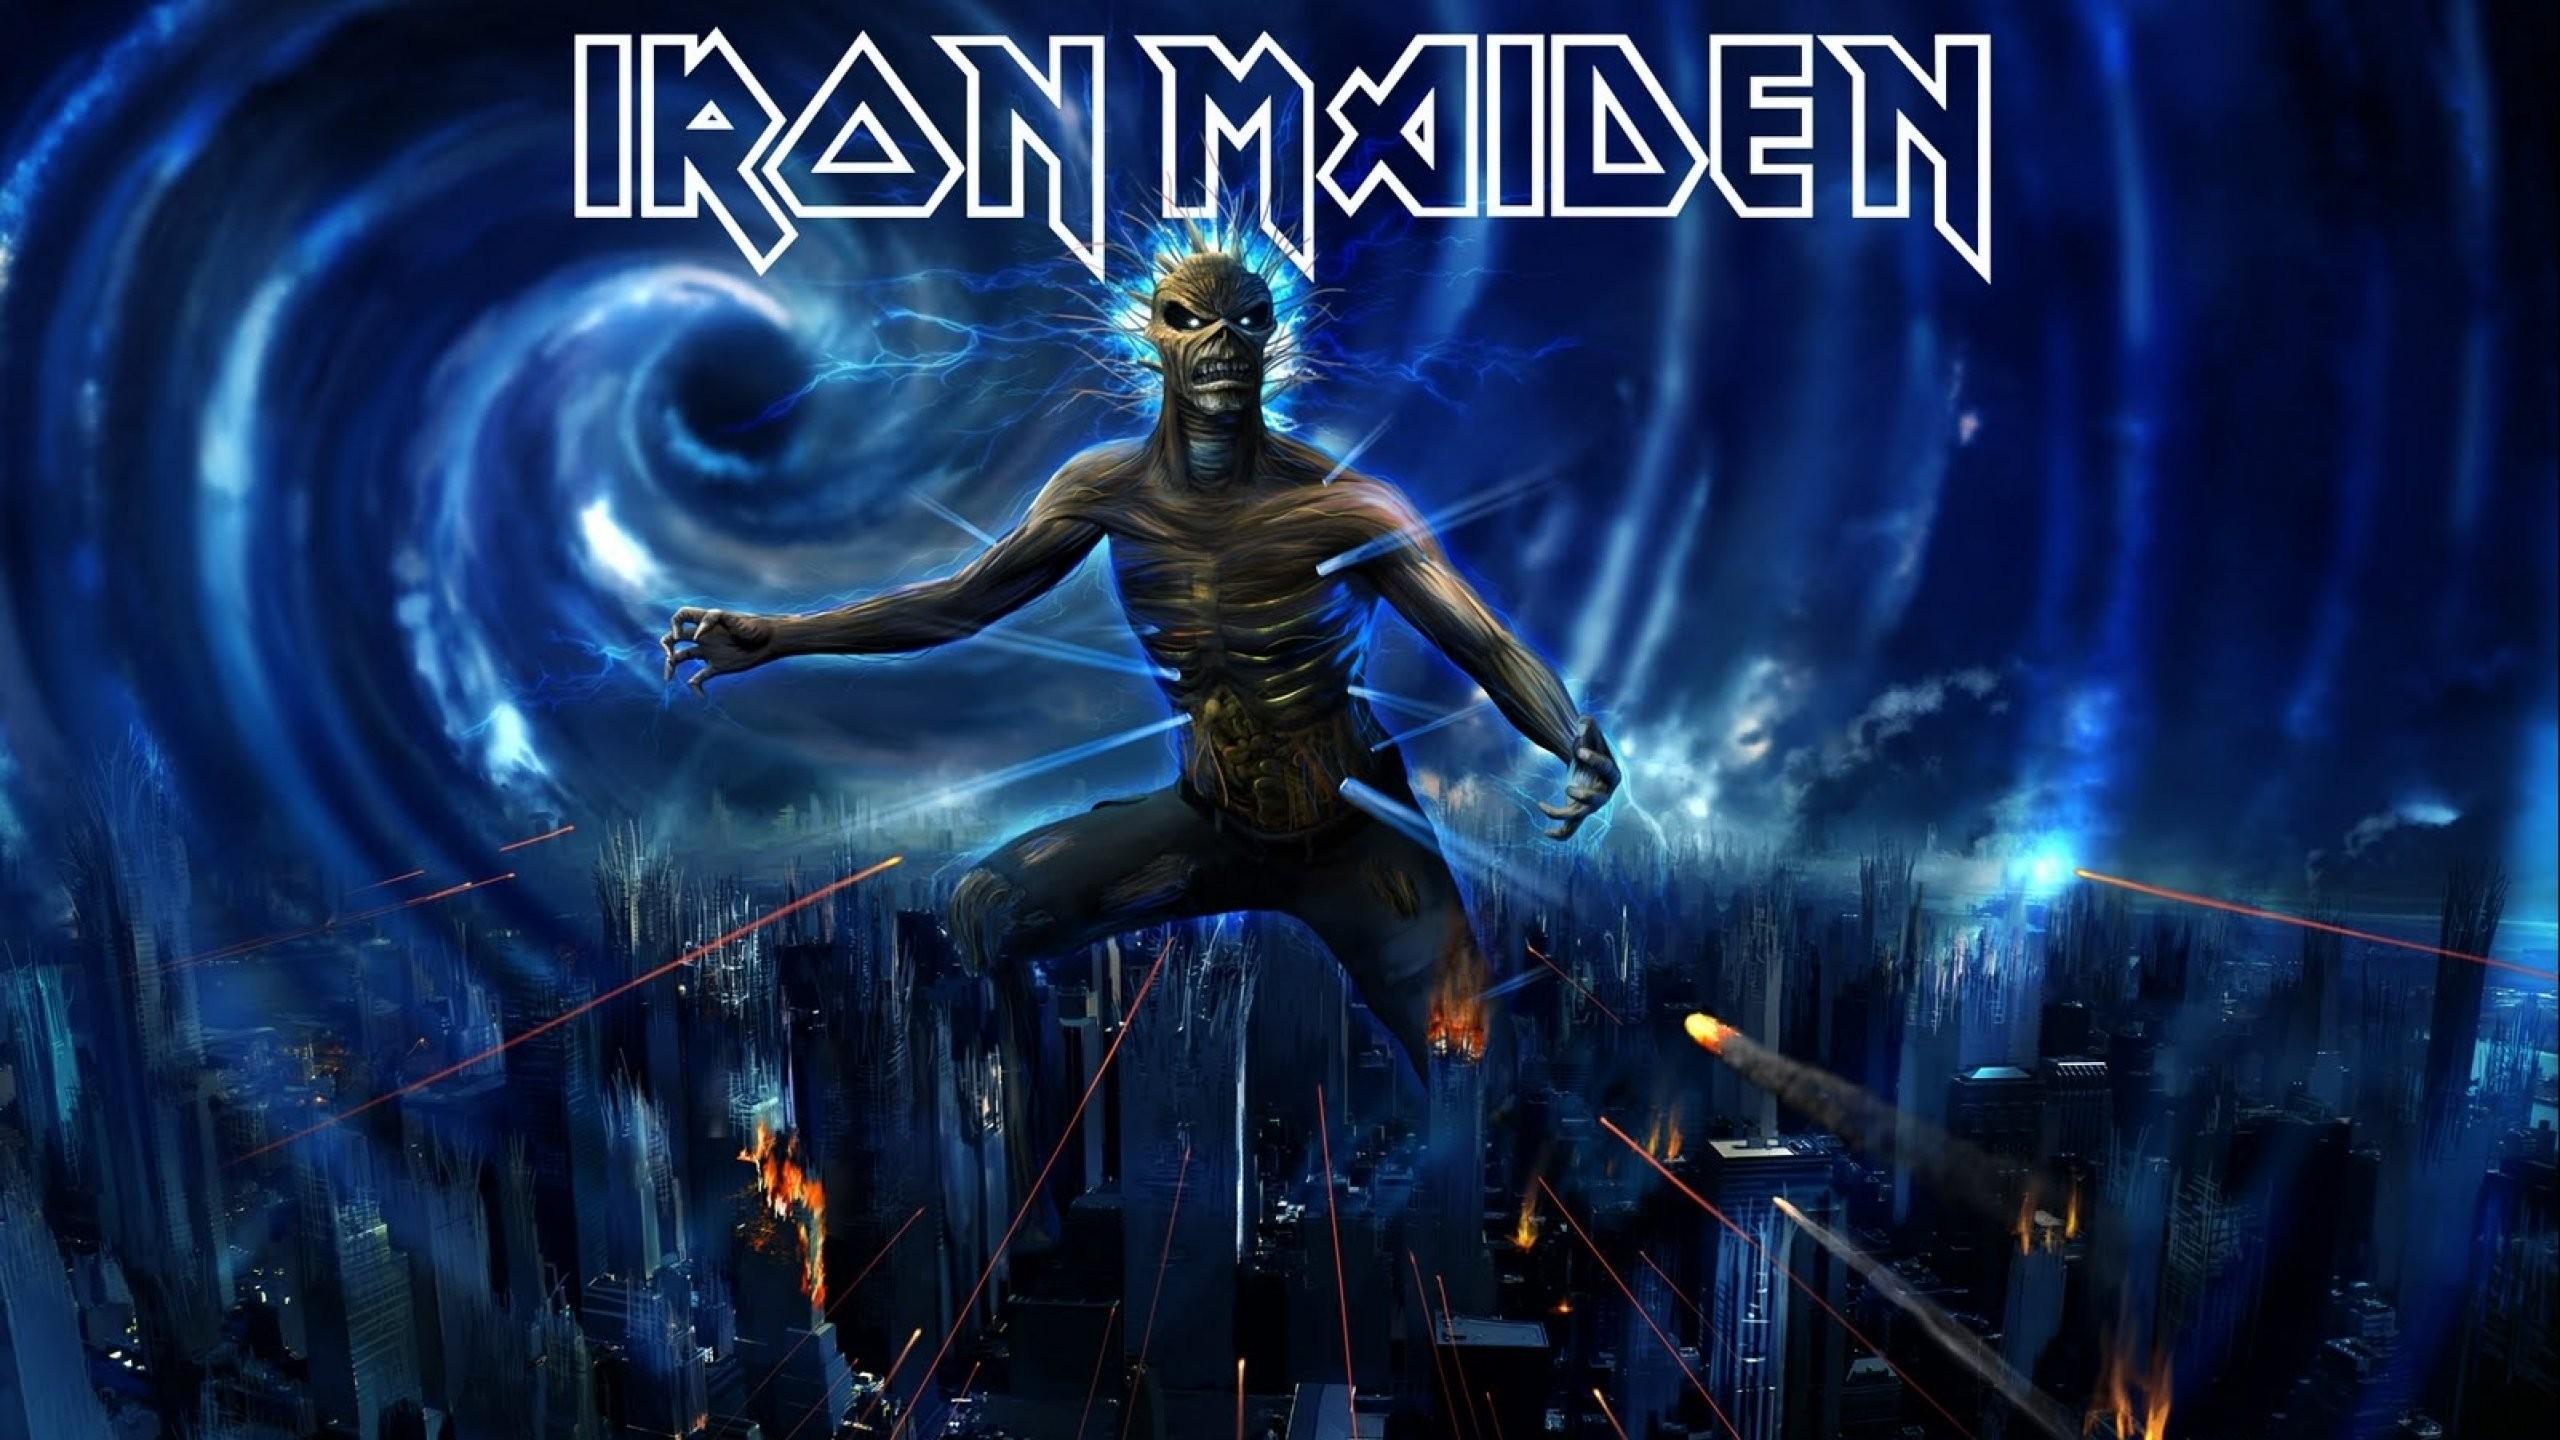 Iron Maiden Eddie Wallpaper 73 Images